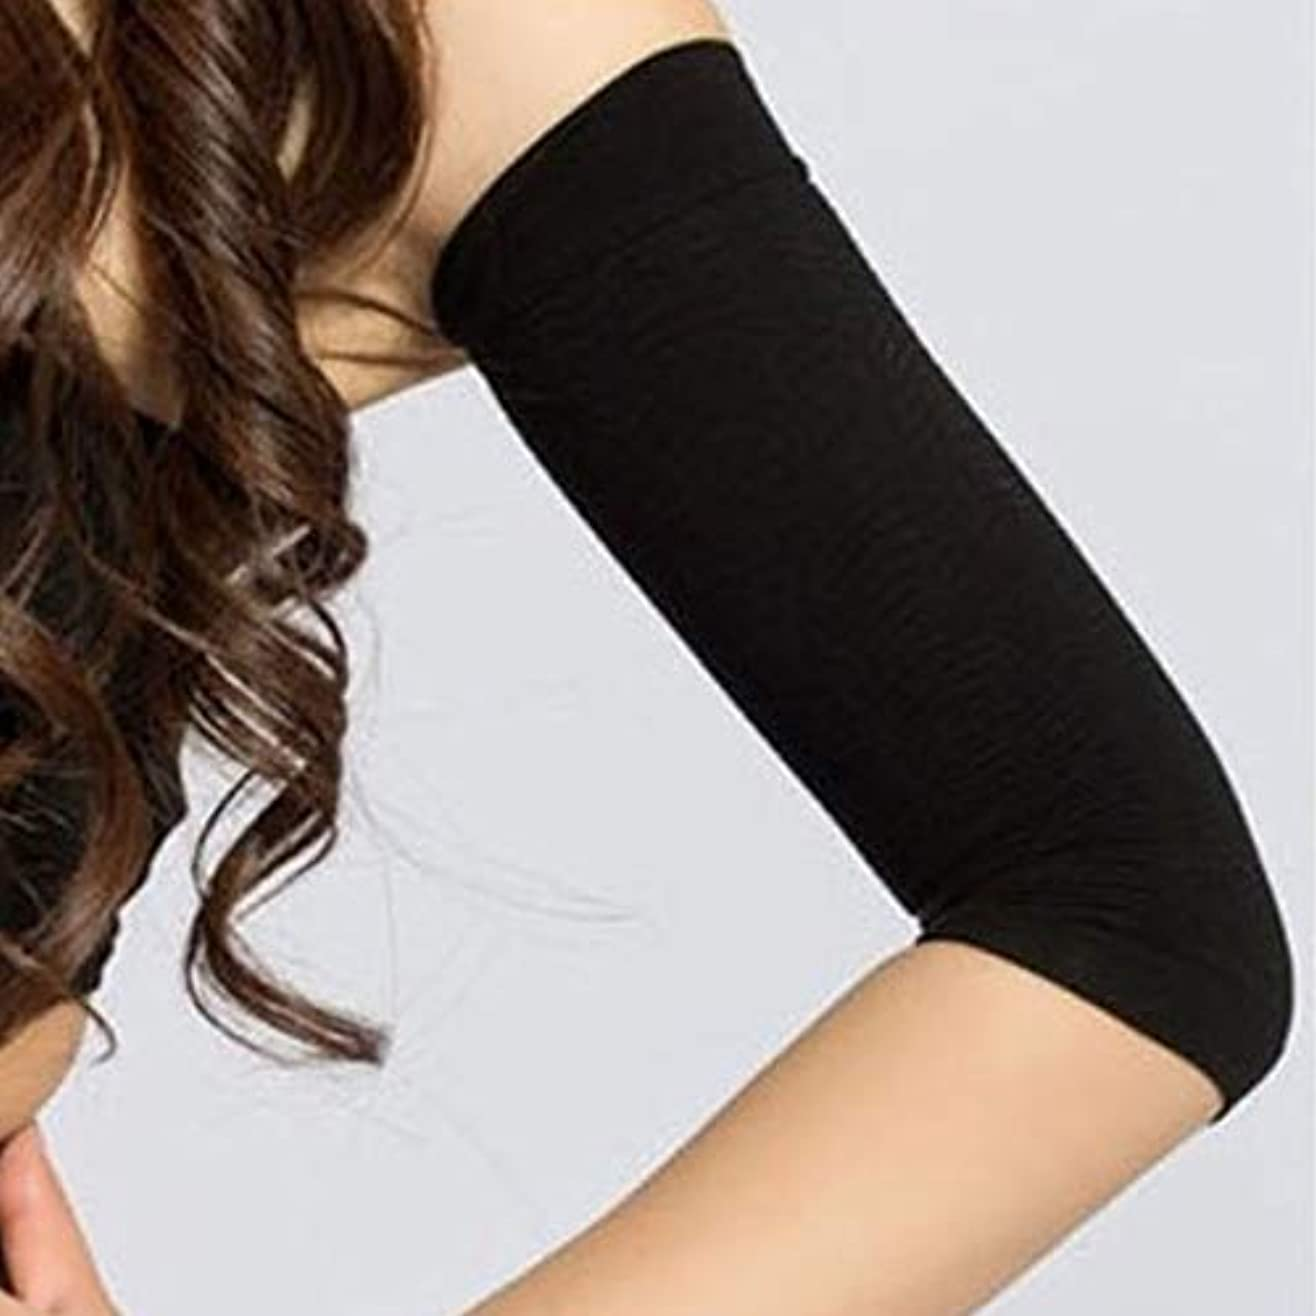 ティーンエイジャー未知のコア1ペア420 d圧縮痩身アームスリーブワークアウトトーニングバーンセルライトシェイパー脂肪燃焼袖用女性